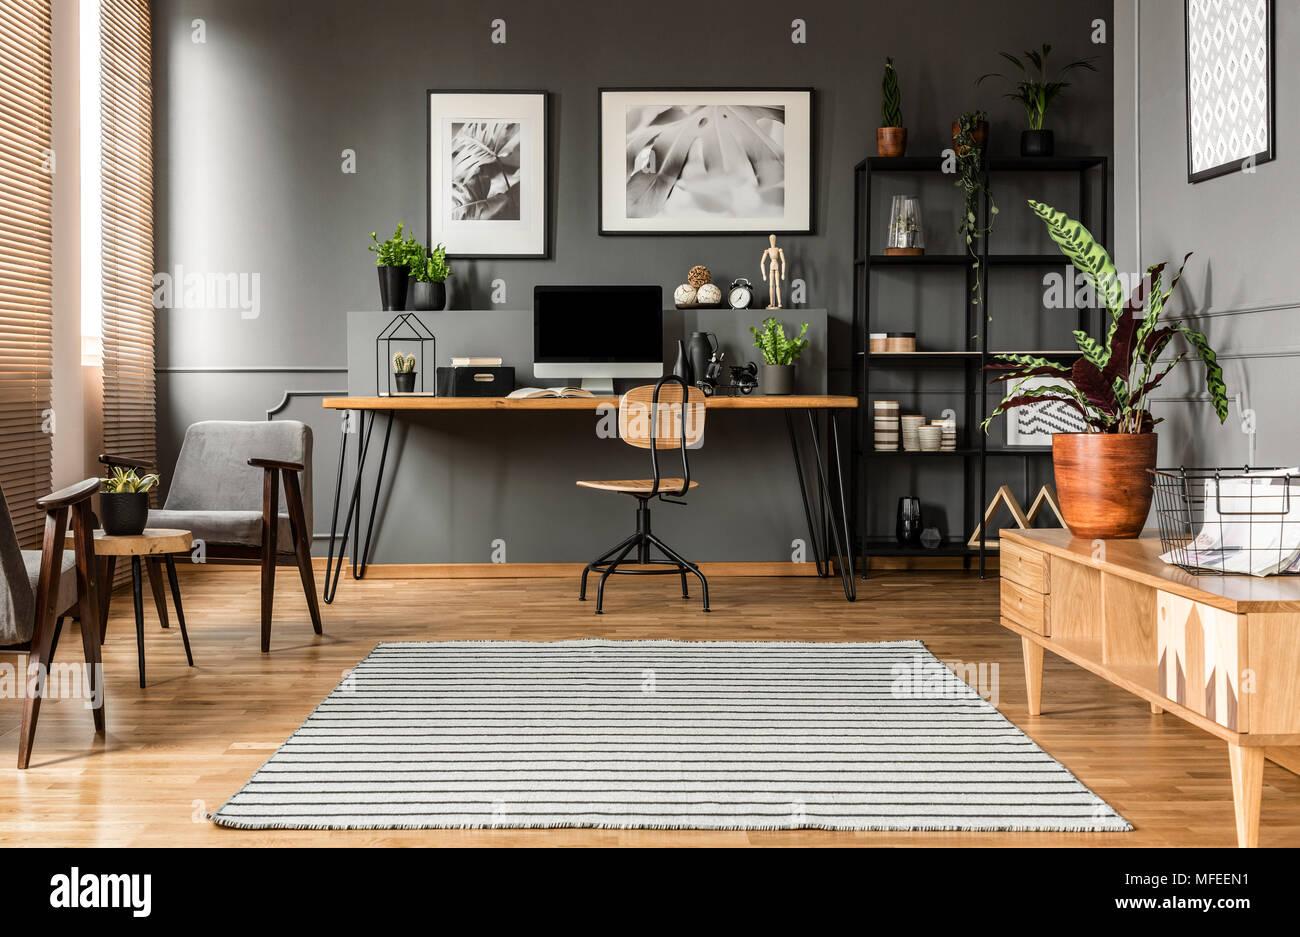 Sedia in legno a tavola con il monitor di un computer in freelancer la sala interna con poster Immagini Stock